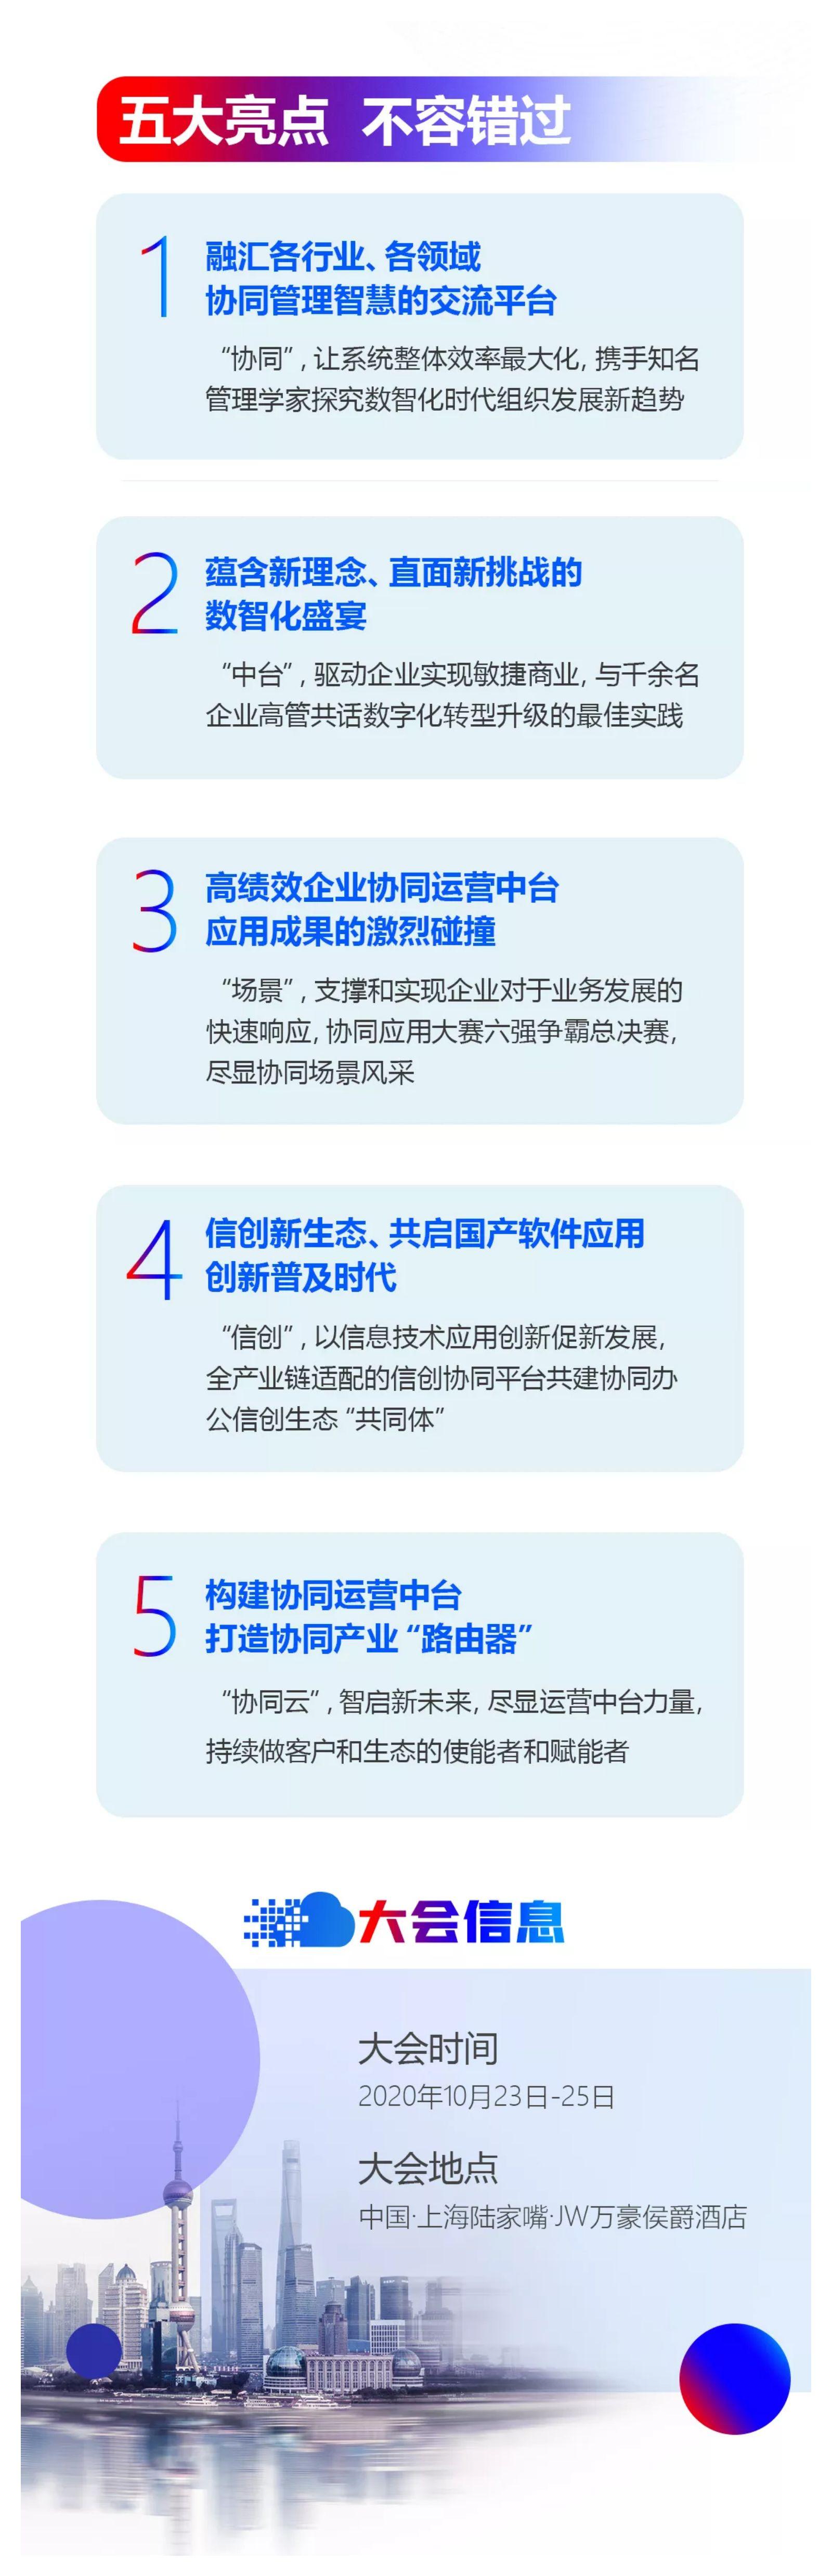 2020中国协同管理高峰论坛暨致远互联第十届用户大会